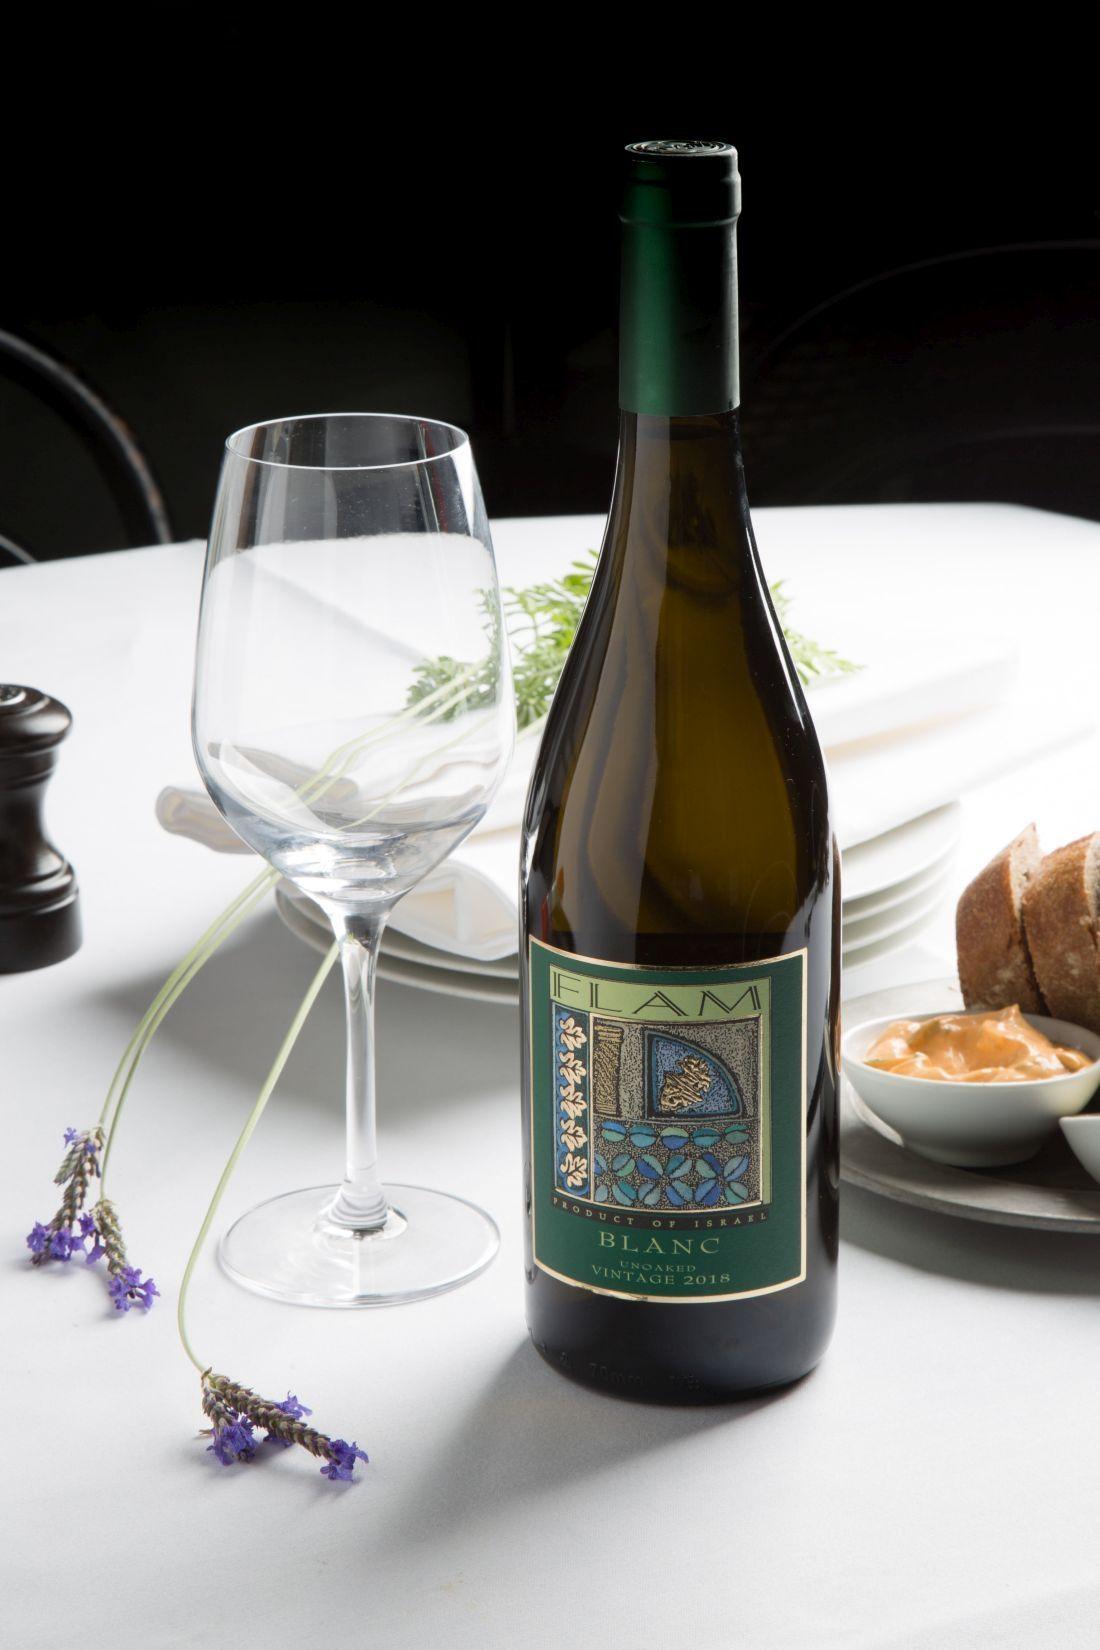 ממשיכים עם פלם בלאנק, יין שכולו פריכות רעננה וחמצמצה